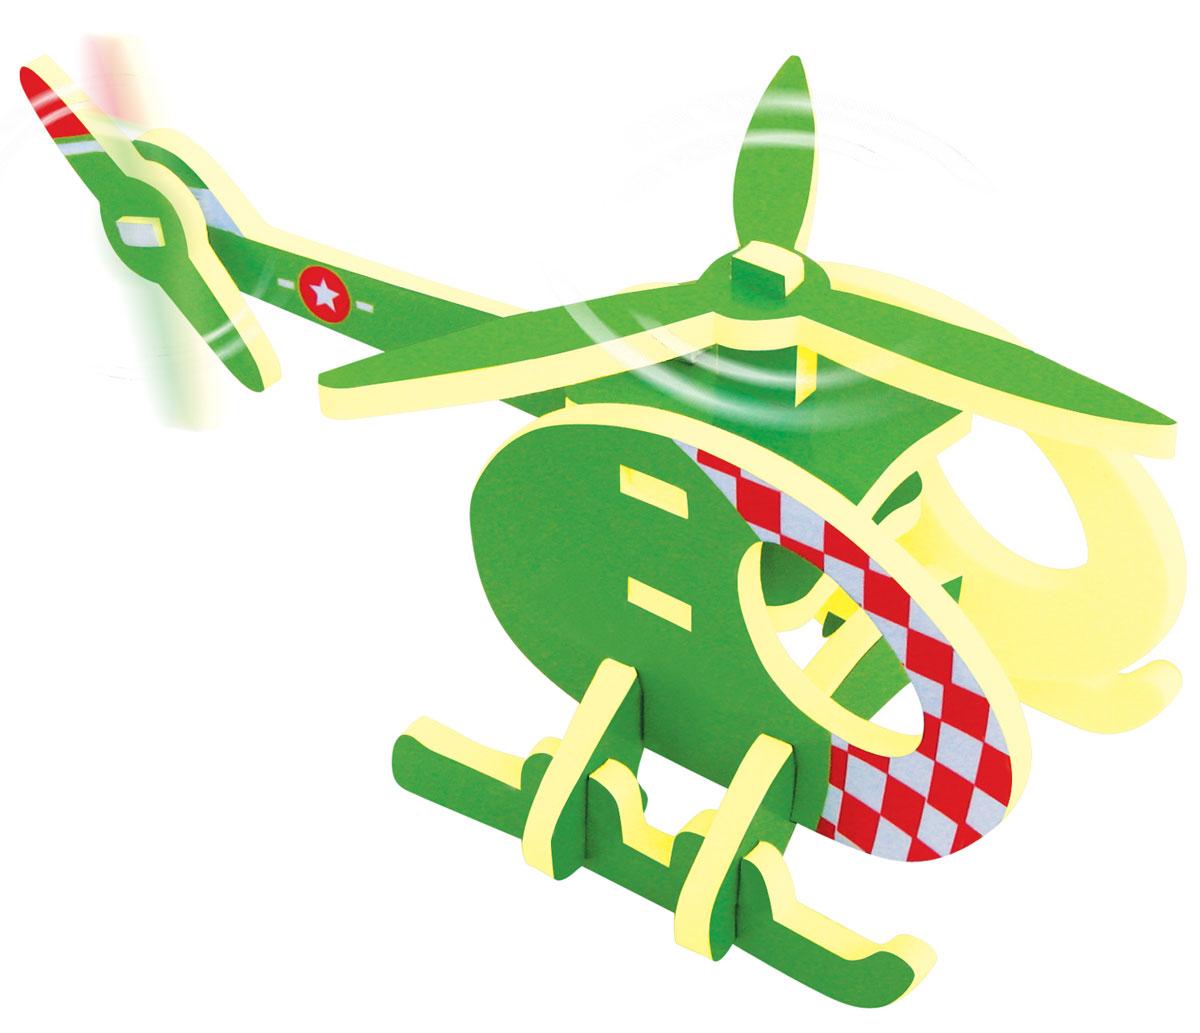 Bebelot 3D мягкий конструктор ВертолетBEB0706-006Мягкий 3D конструктор Bebelot Вертолет привлечет внимание вашего ребенка и не позволит ему скучать. Конструктор состоит из 13 деталей, собрав которые, ребенок получит великолепный вертолет. Размер составных элементов конструктора очень удобен для того, чтобы ребенку было комфортно в него играть. Собирая конструктор, ребенок разовьет внимание, воображение, мелкую моторику рук, пространственное и логическое мышление, а собранная своими руками игрушка будет для него гораздо дороже, чем готовая - ведь он вложил в нее свой драгоценный труд.